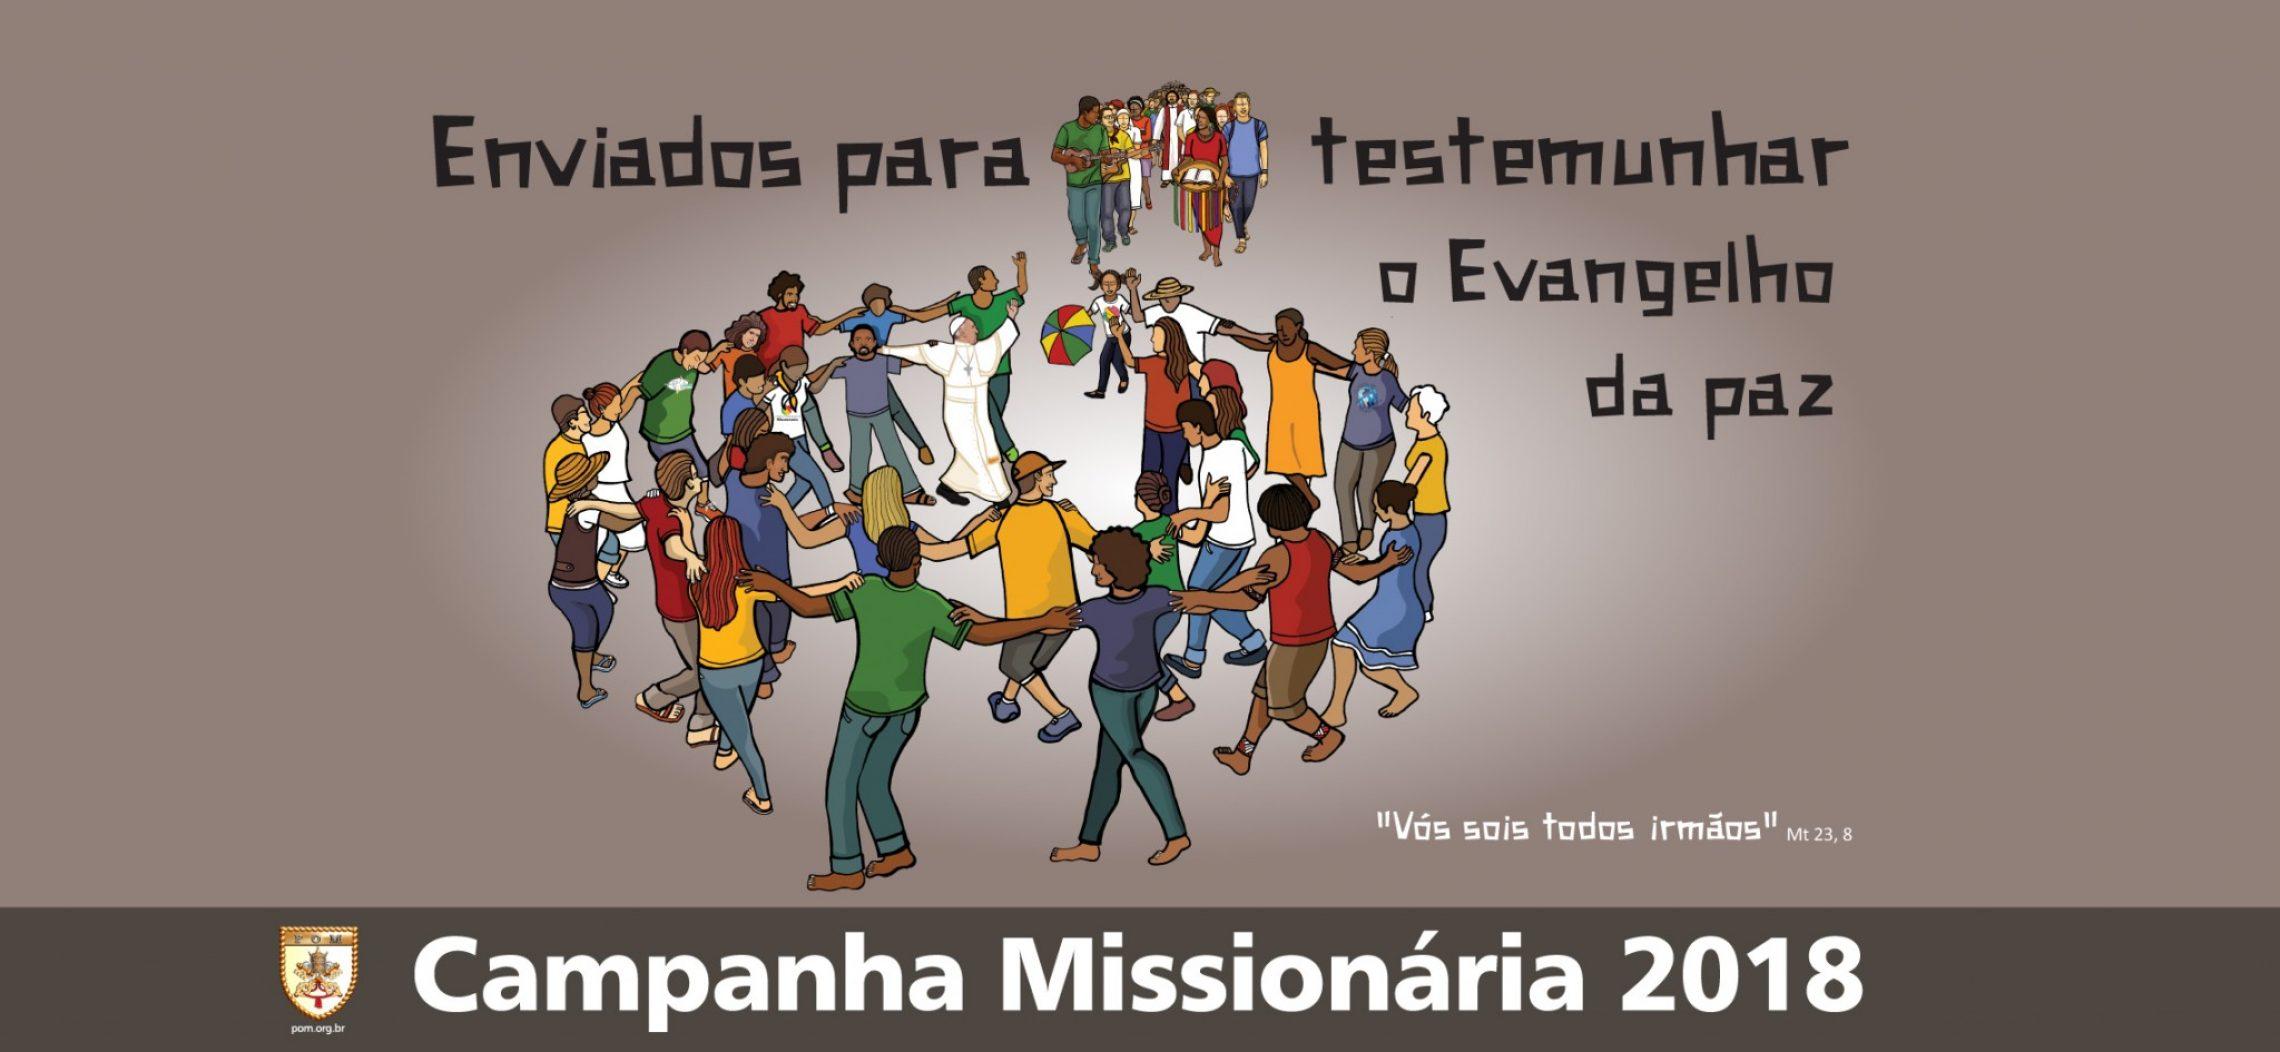 Outubro missionário 2018